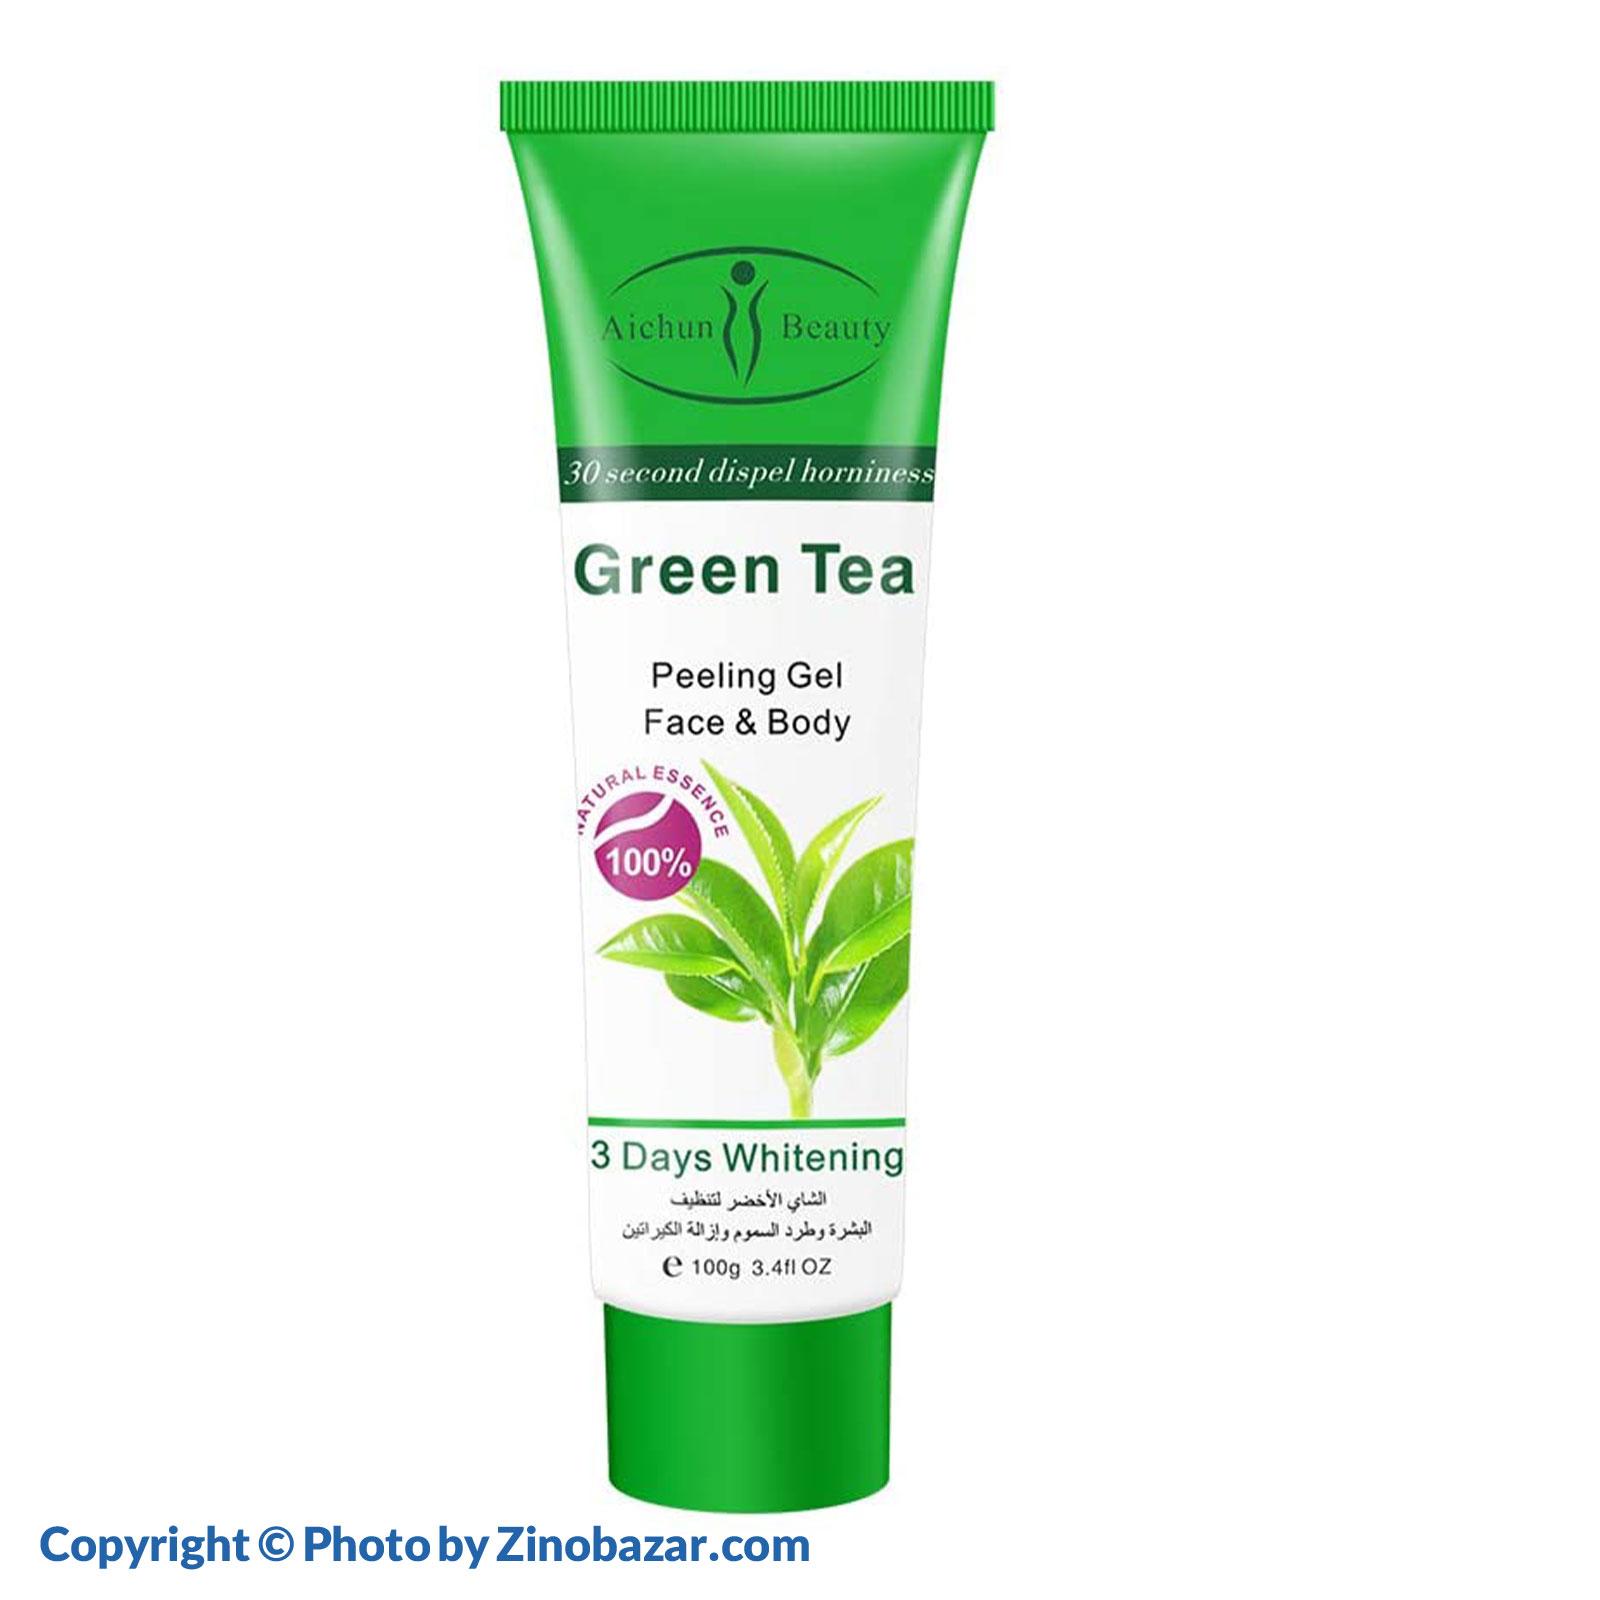 ژل لایه بردار و پاکسازی عصاره چای سبز آیشون بیوتی - زینو بازار ZinoBazar